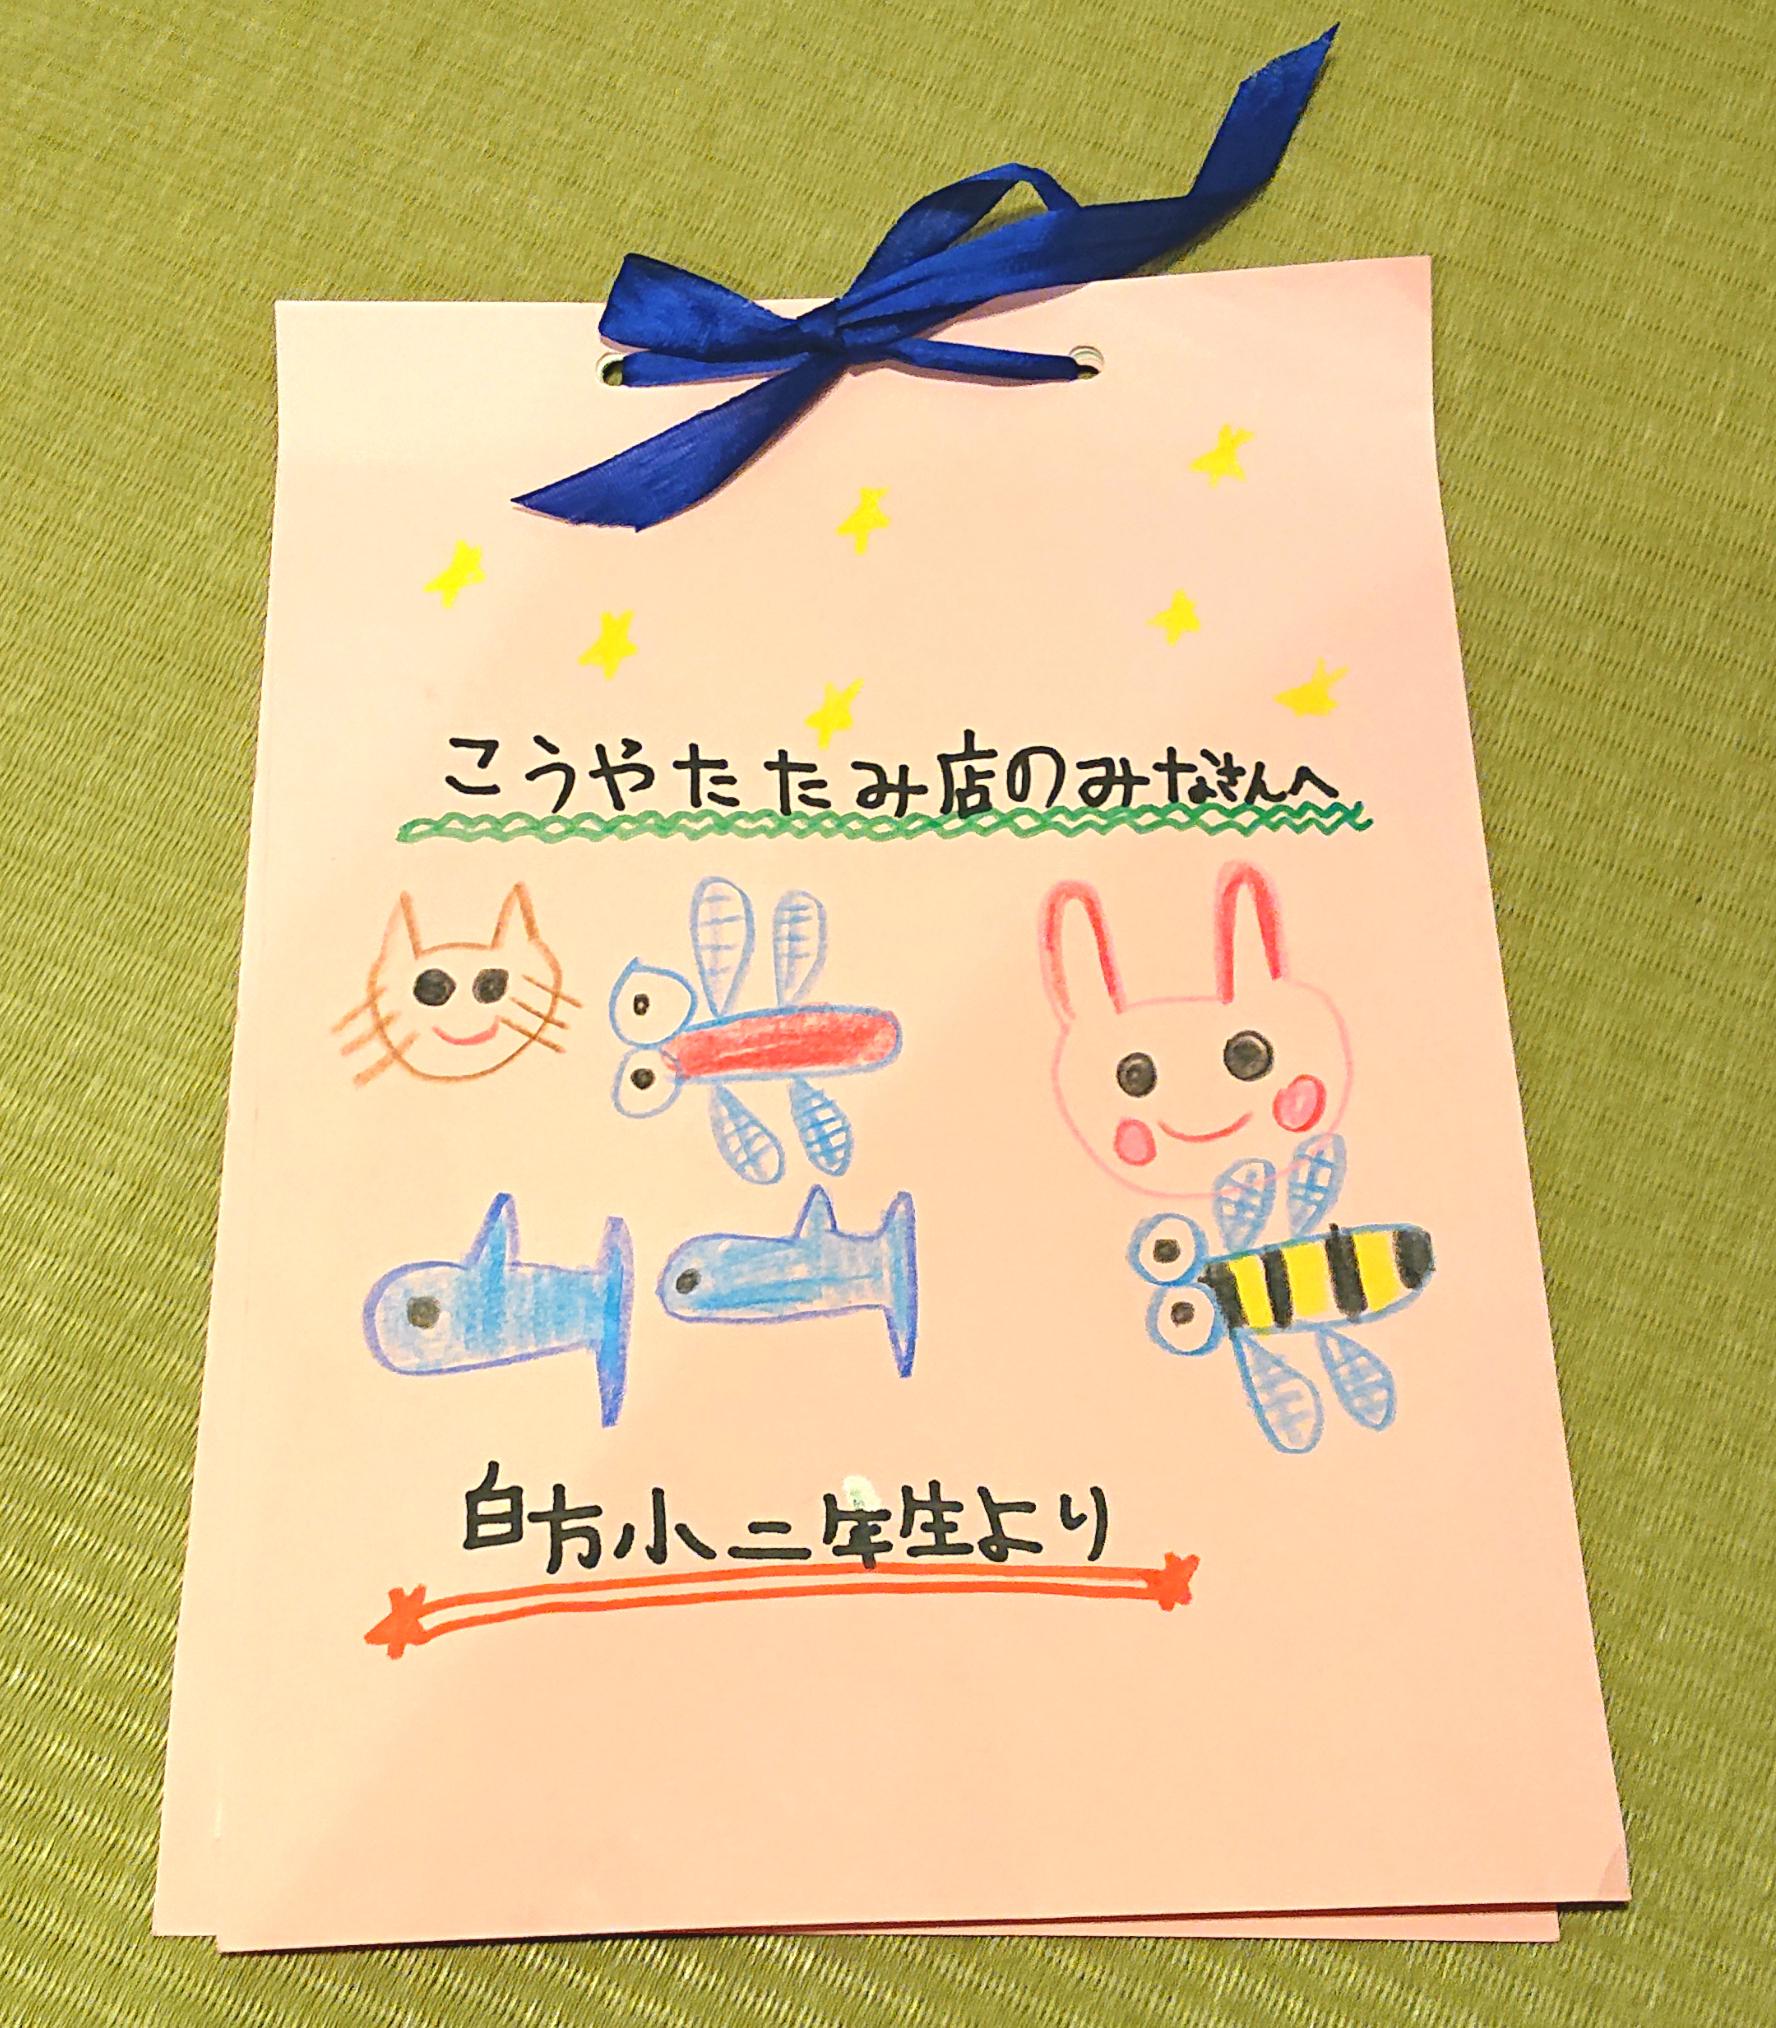 白方小学校2年生の子ども達からお礼のお手紙を頂きました。